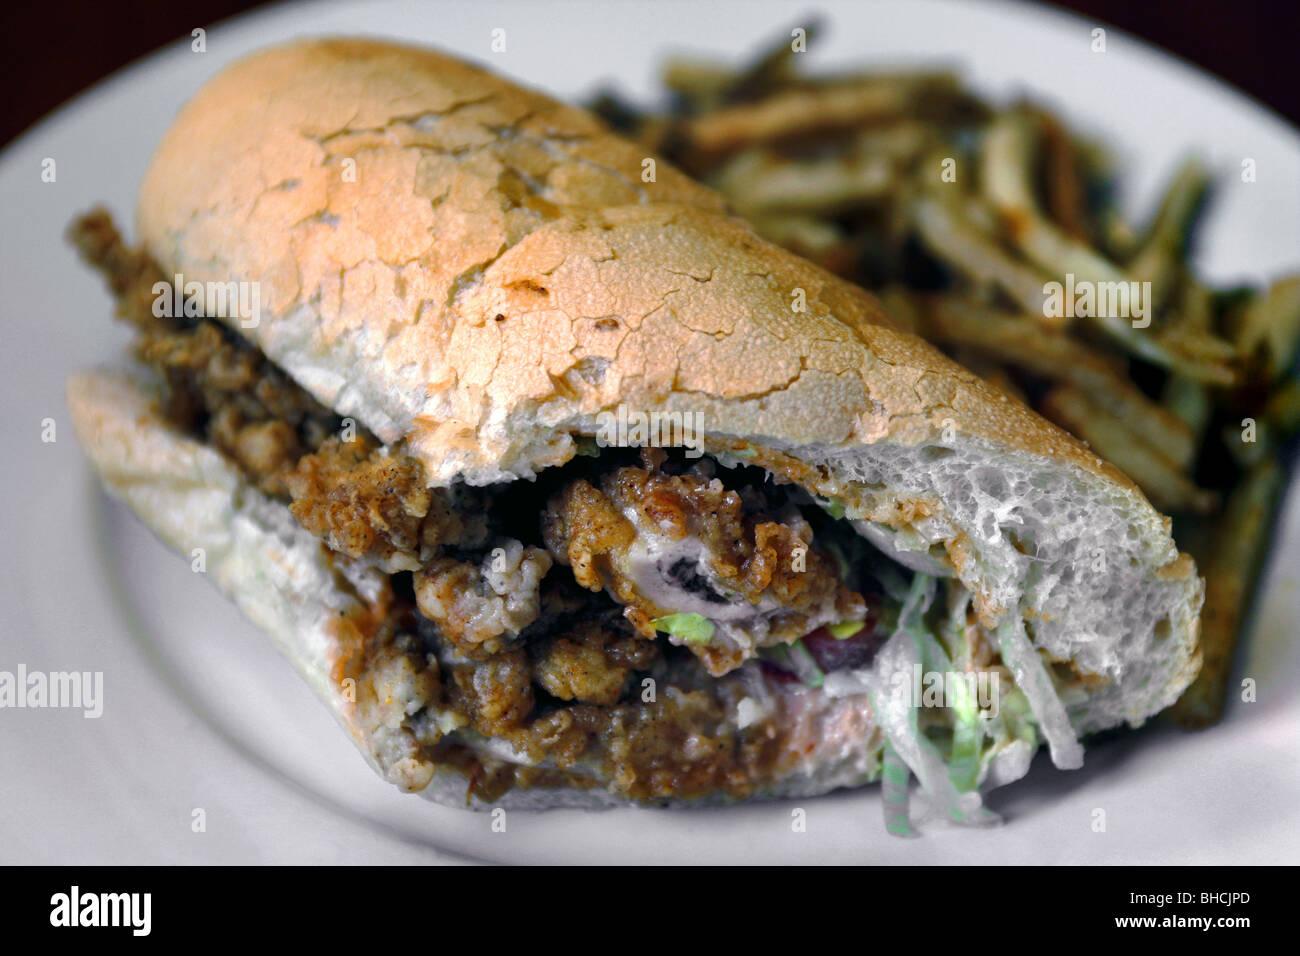 Huîtres frites po-boy Sandwich, New Orleans, Louisiane, USA Photo Stock